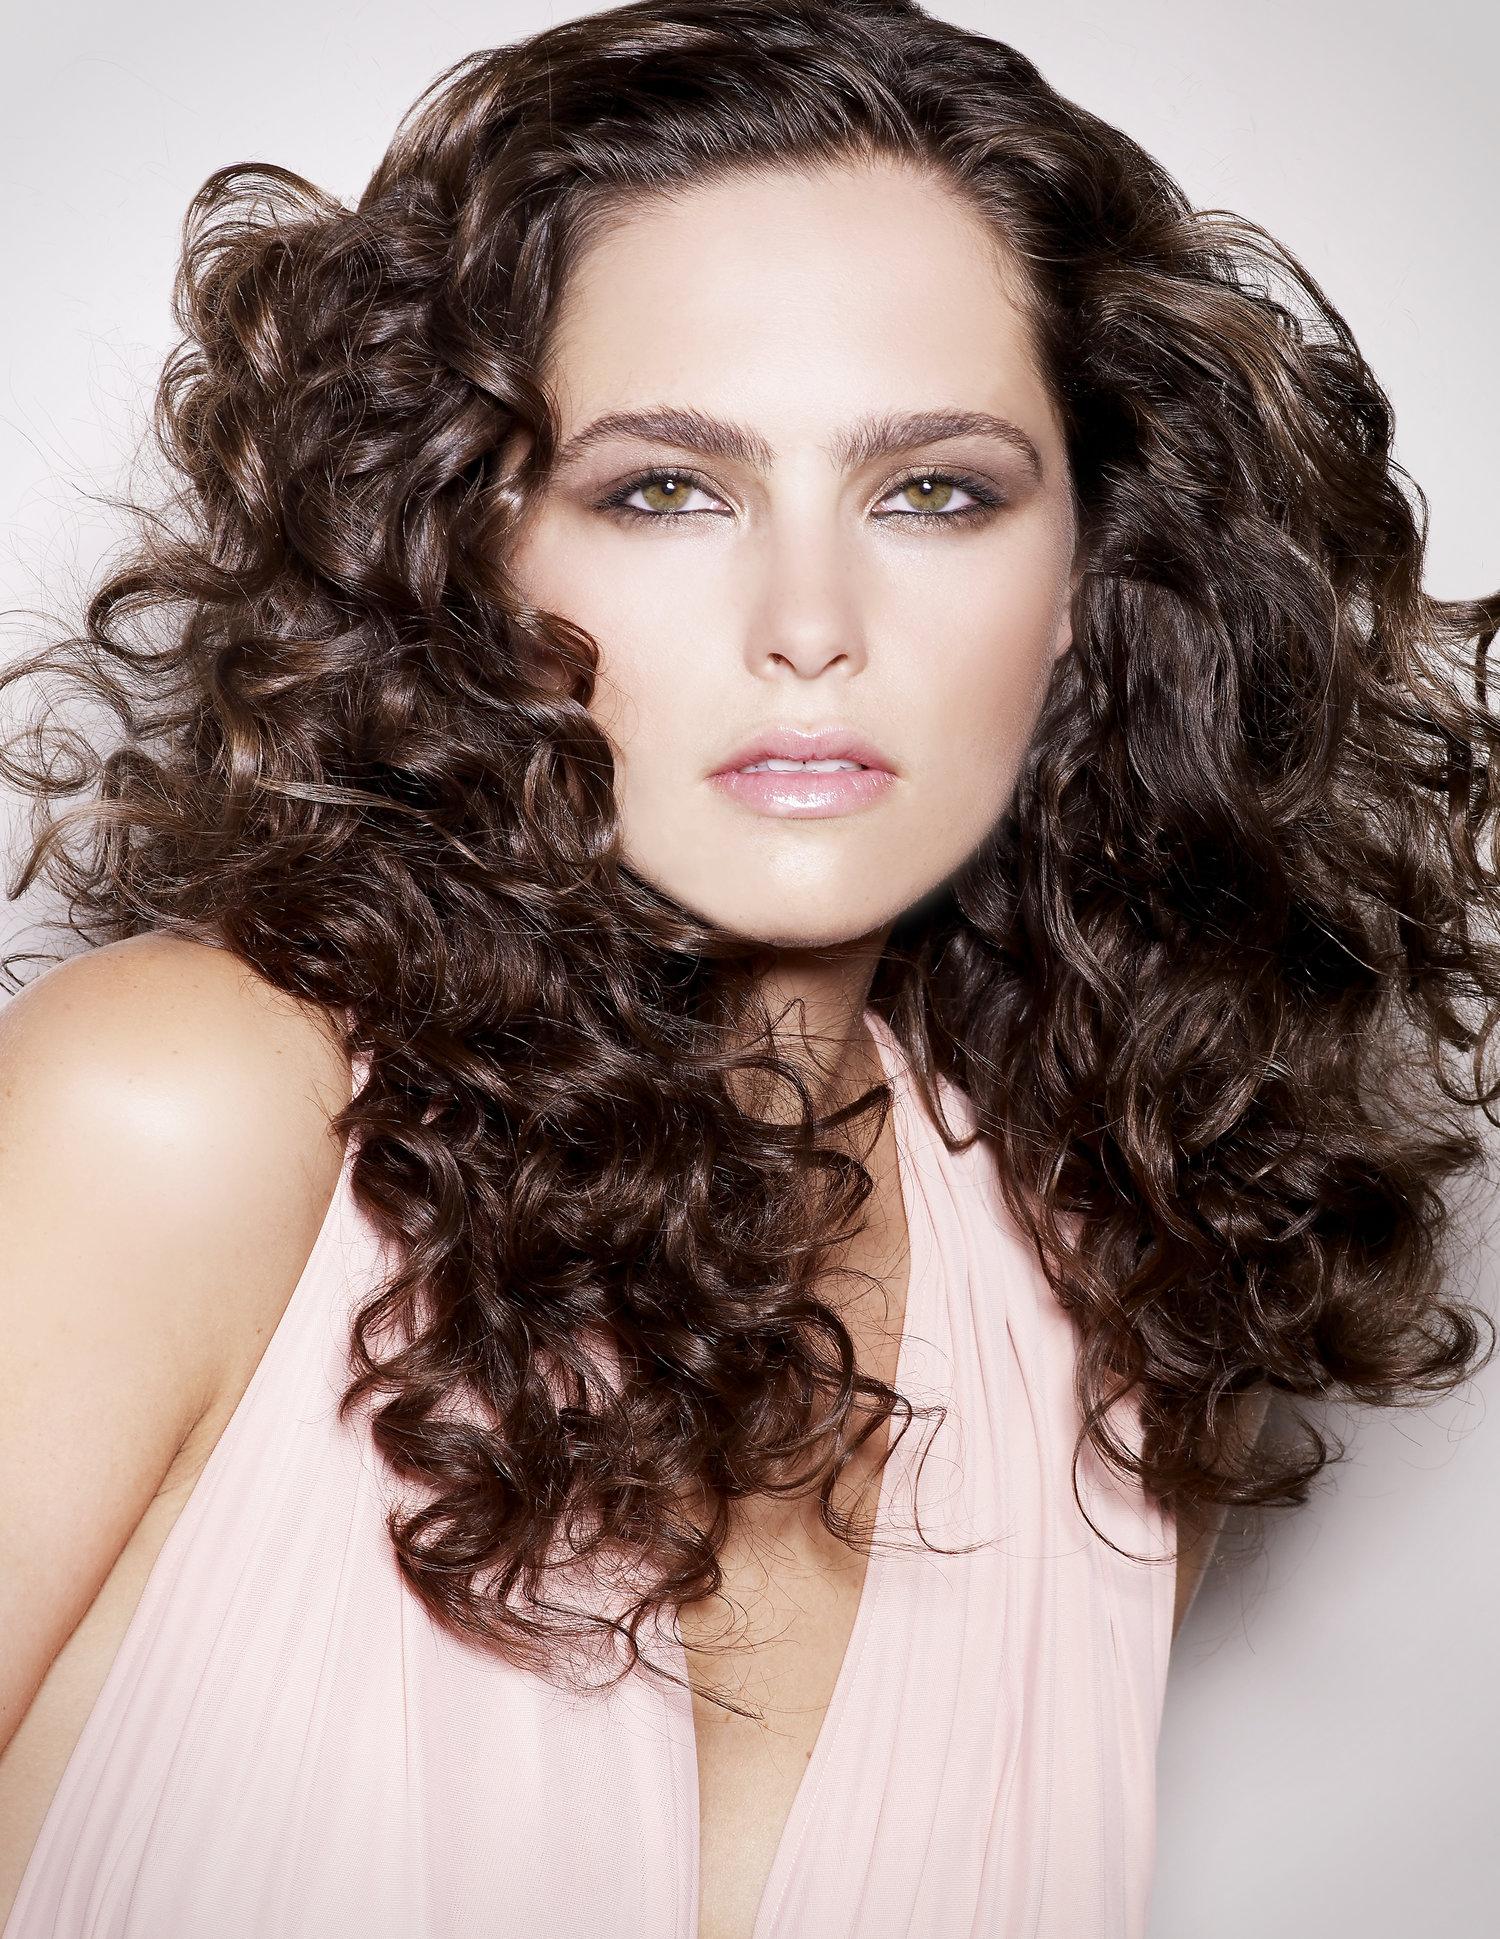 Austins Premier Hair Beauty Salon Jose Luis Salon